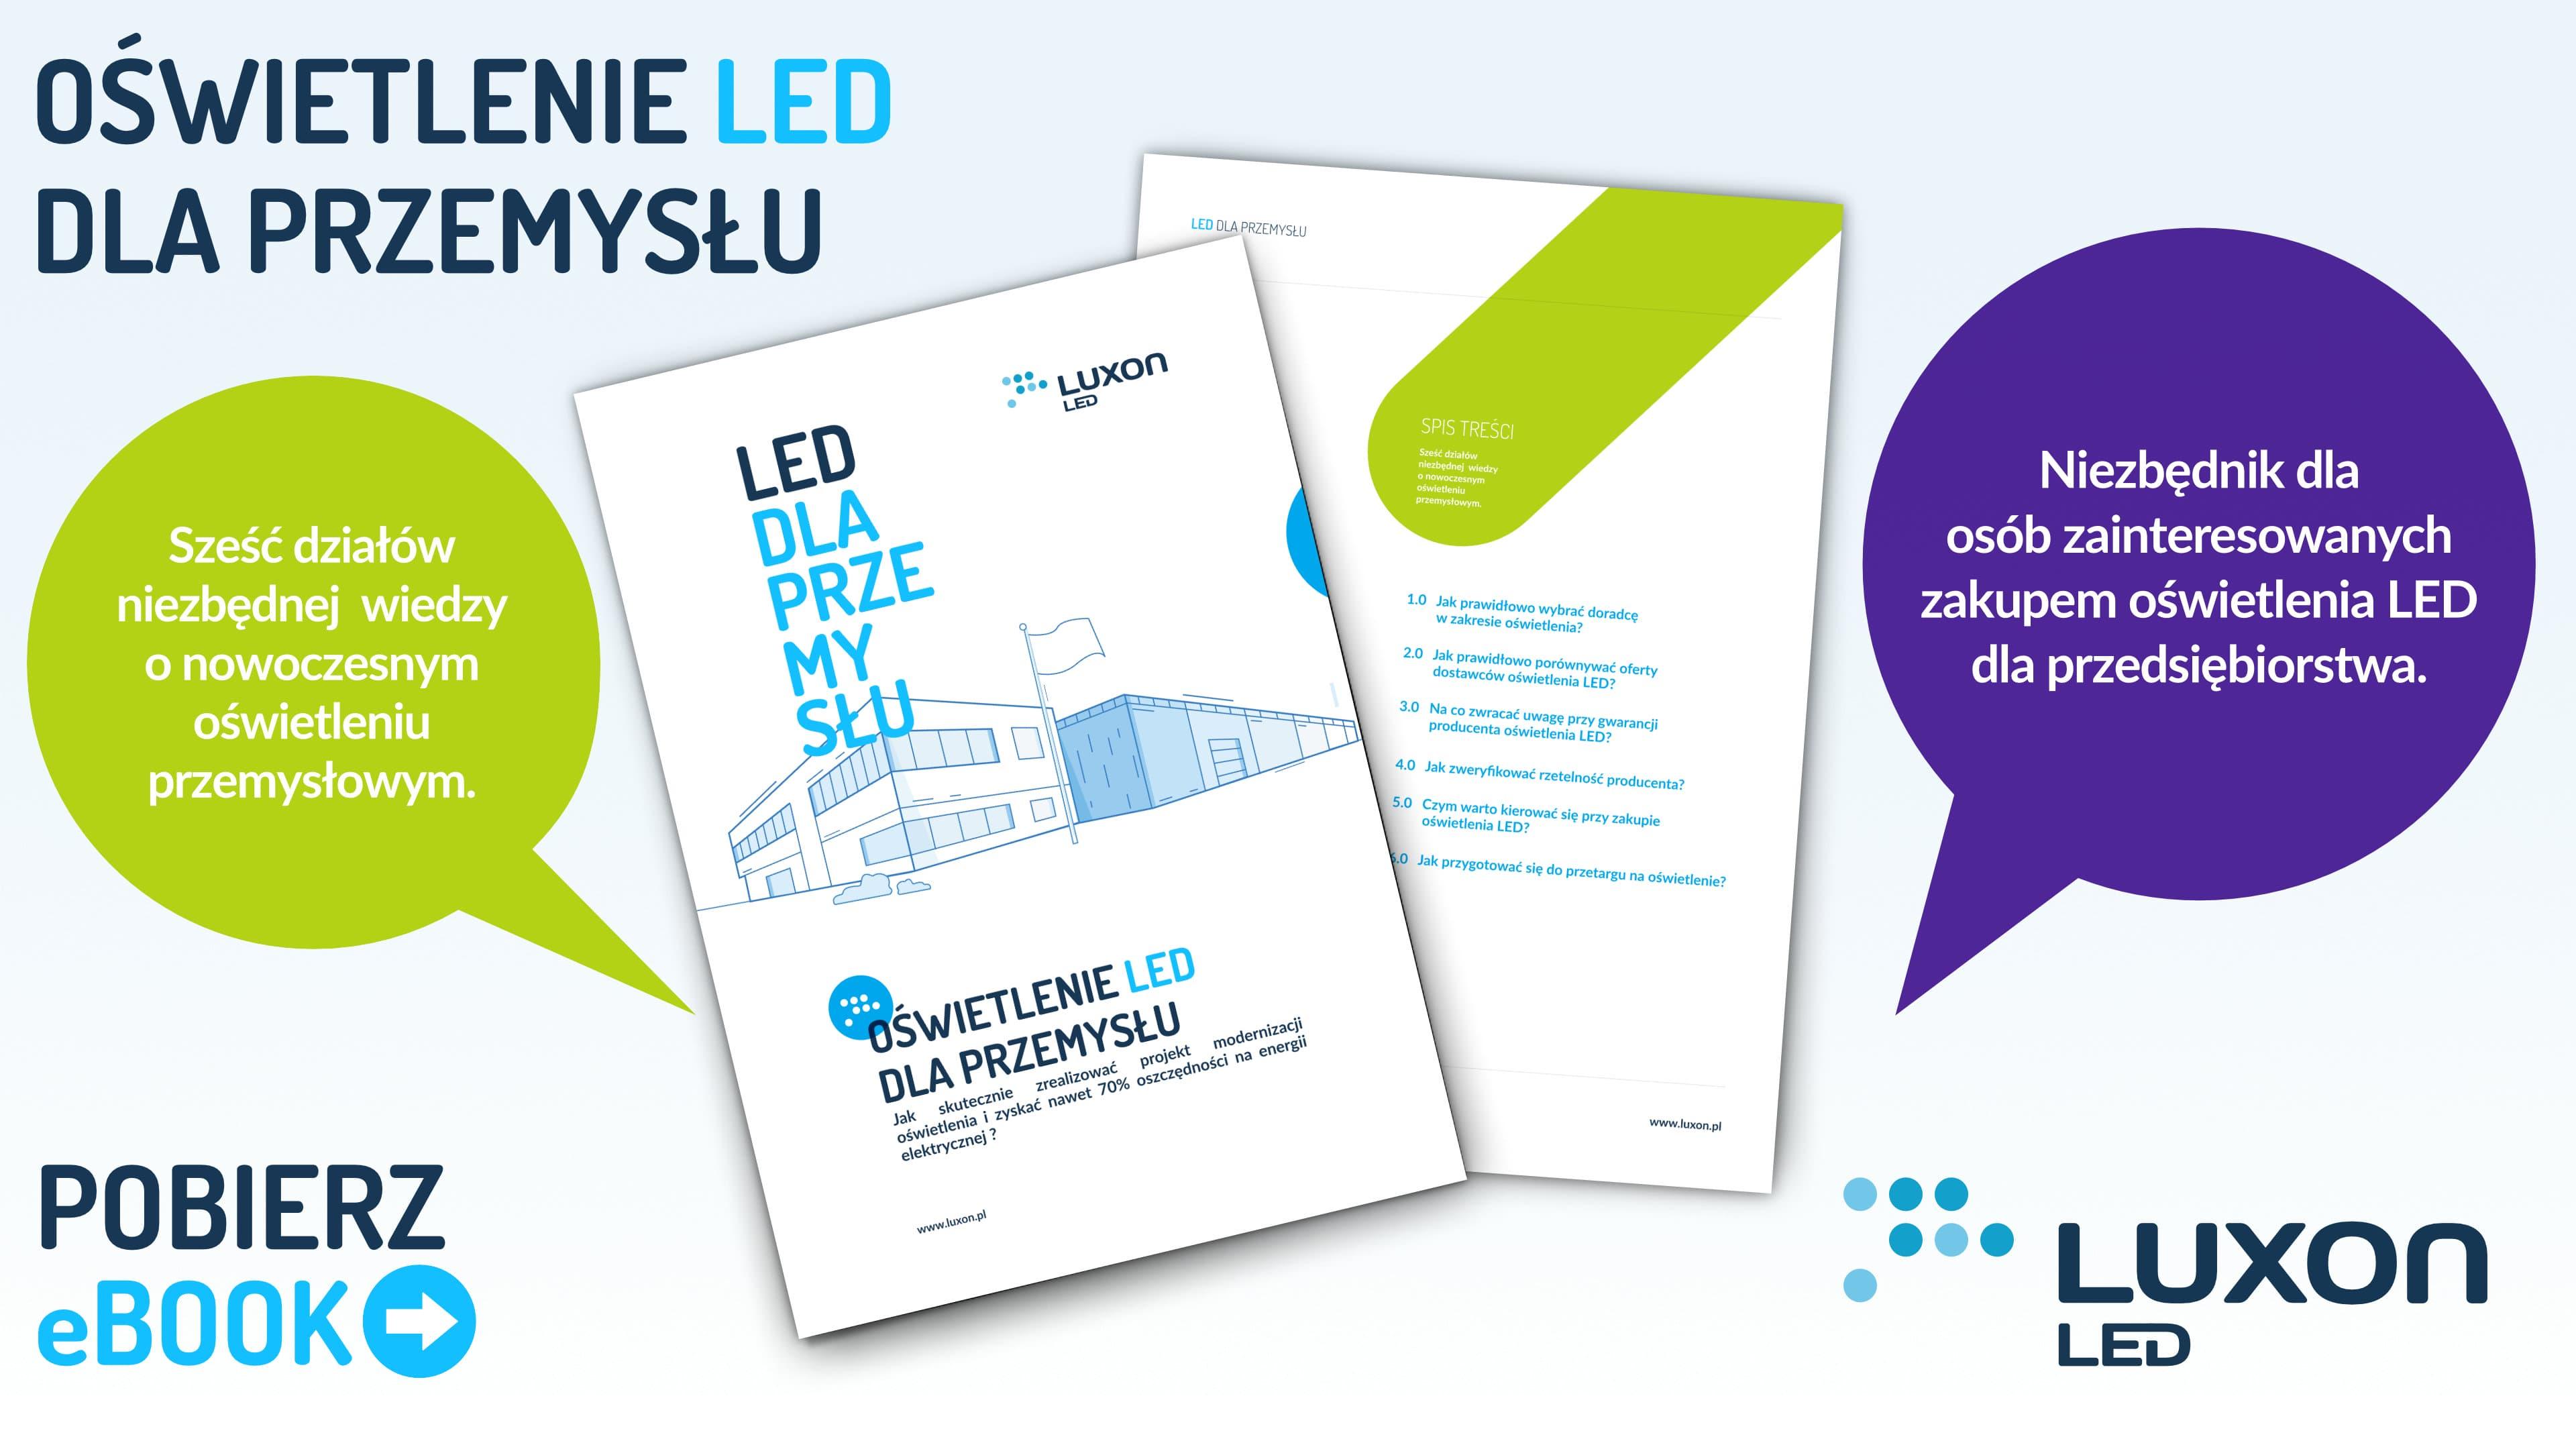 Ebook Oświetlenie Led Dla Przemysłu Luxon Led